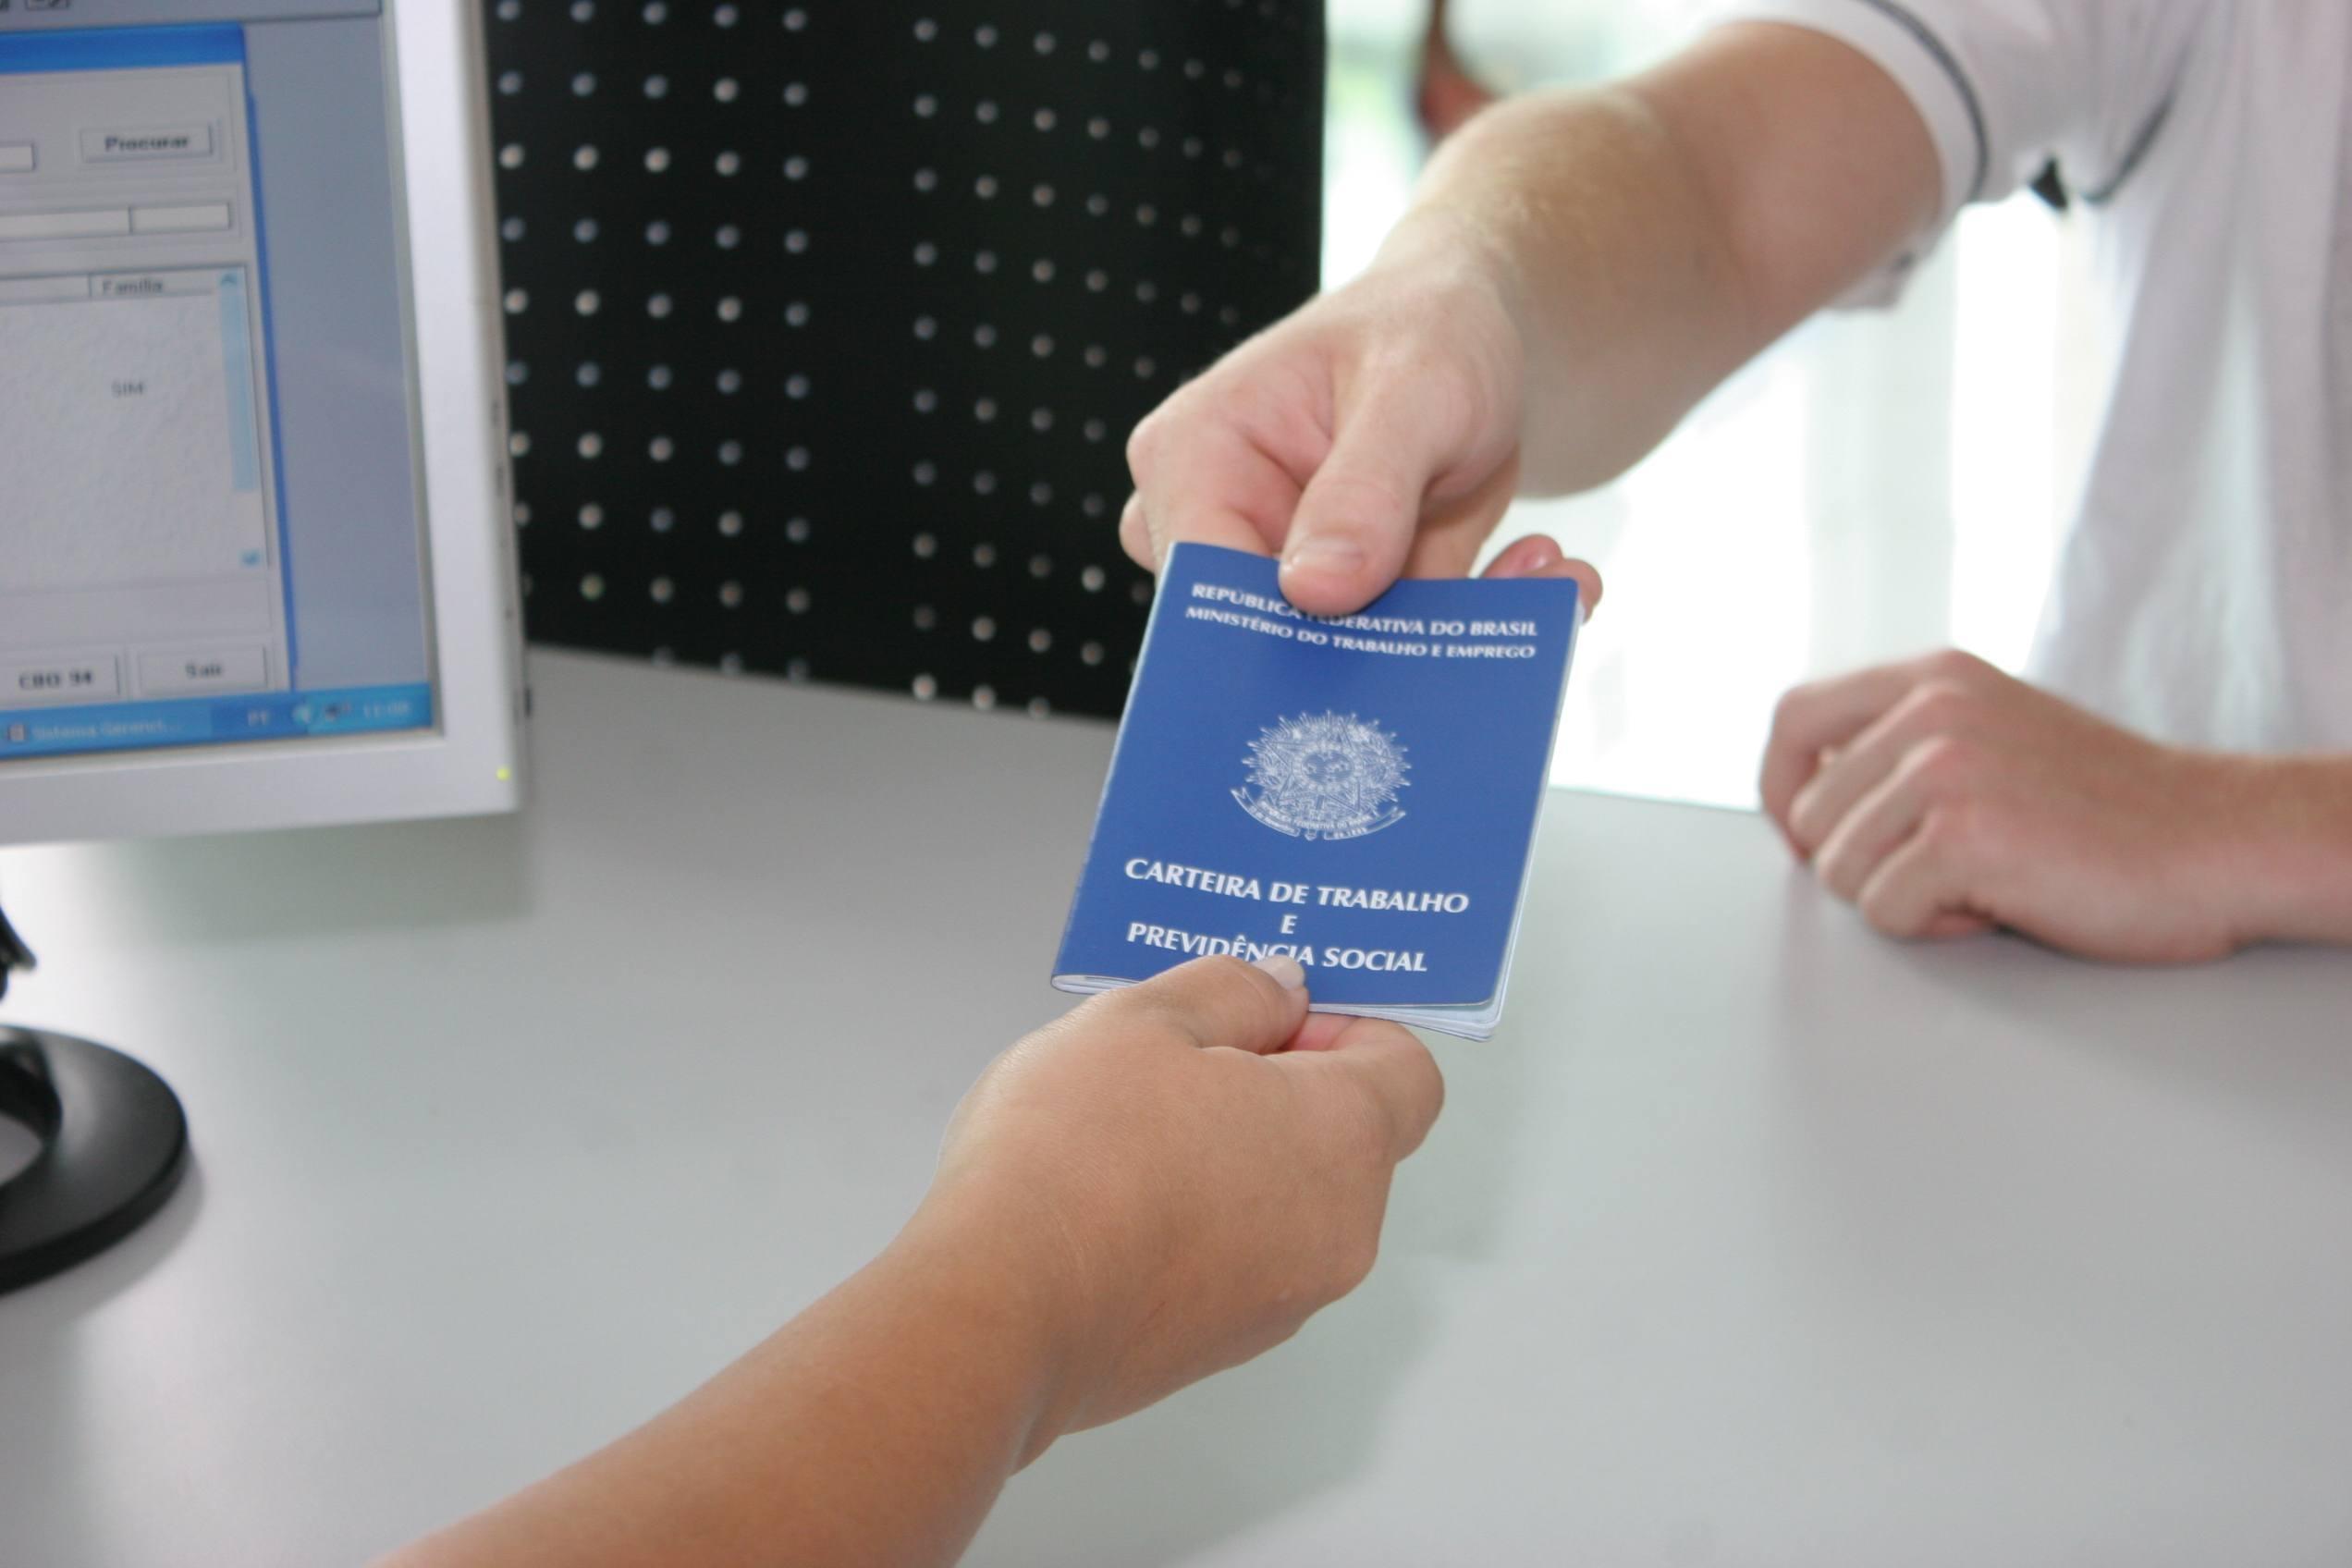 Entrevistas de emprego e emissão de carteiras de trabalho serão oferecidas no Dia D da Inclusão   Foto: Reprodução